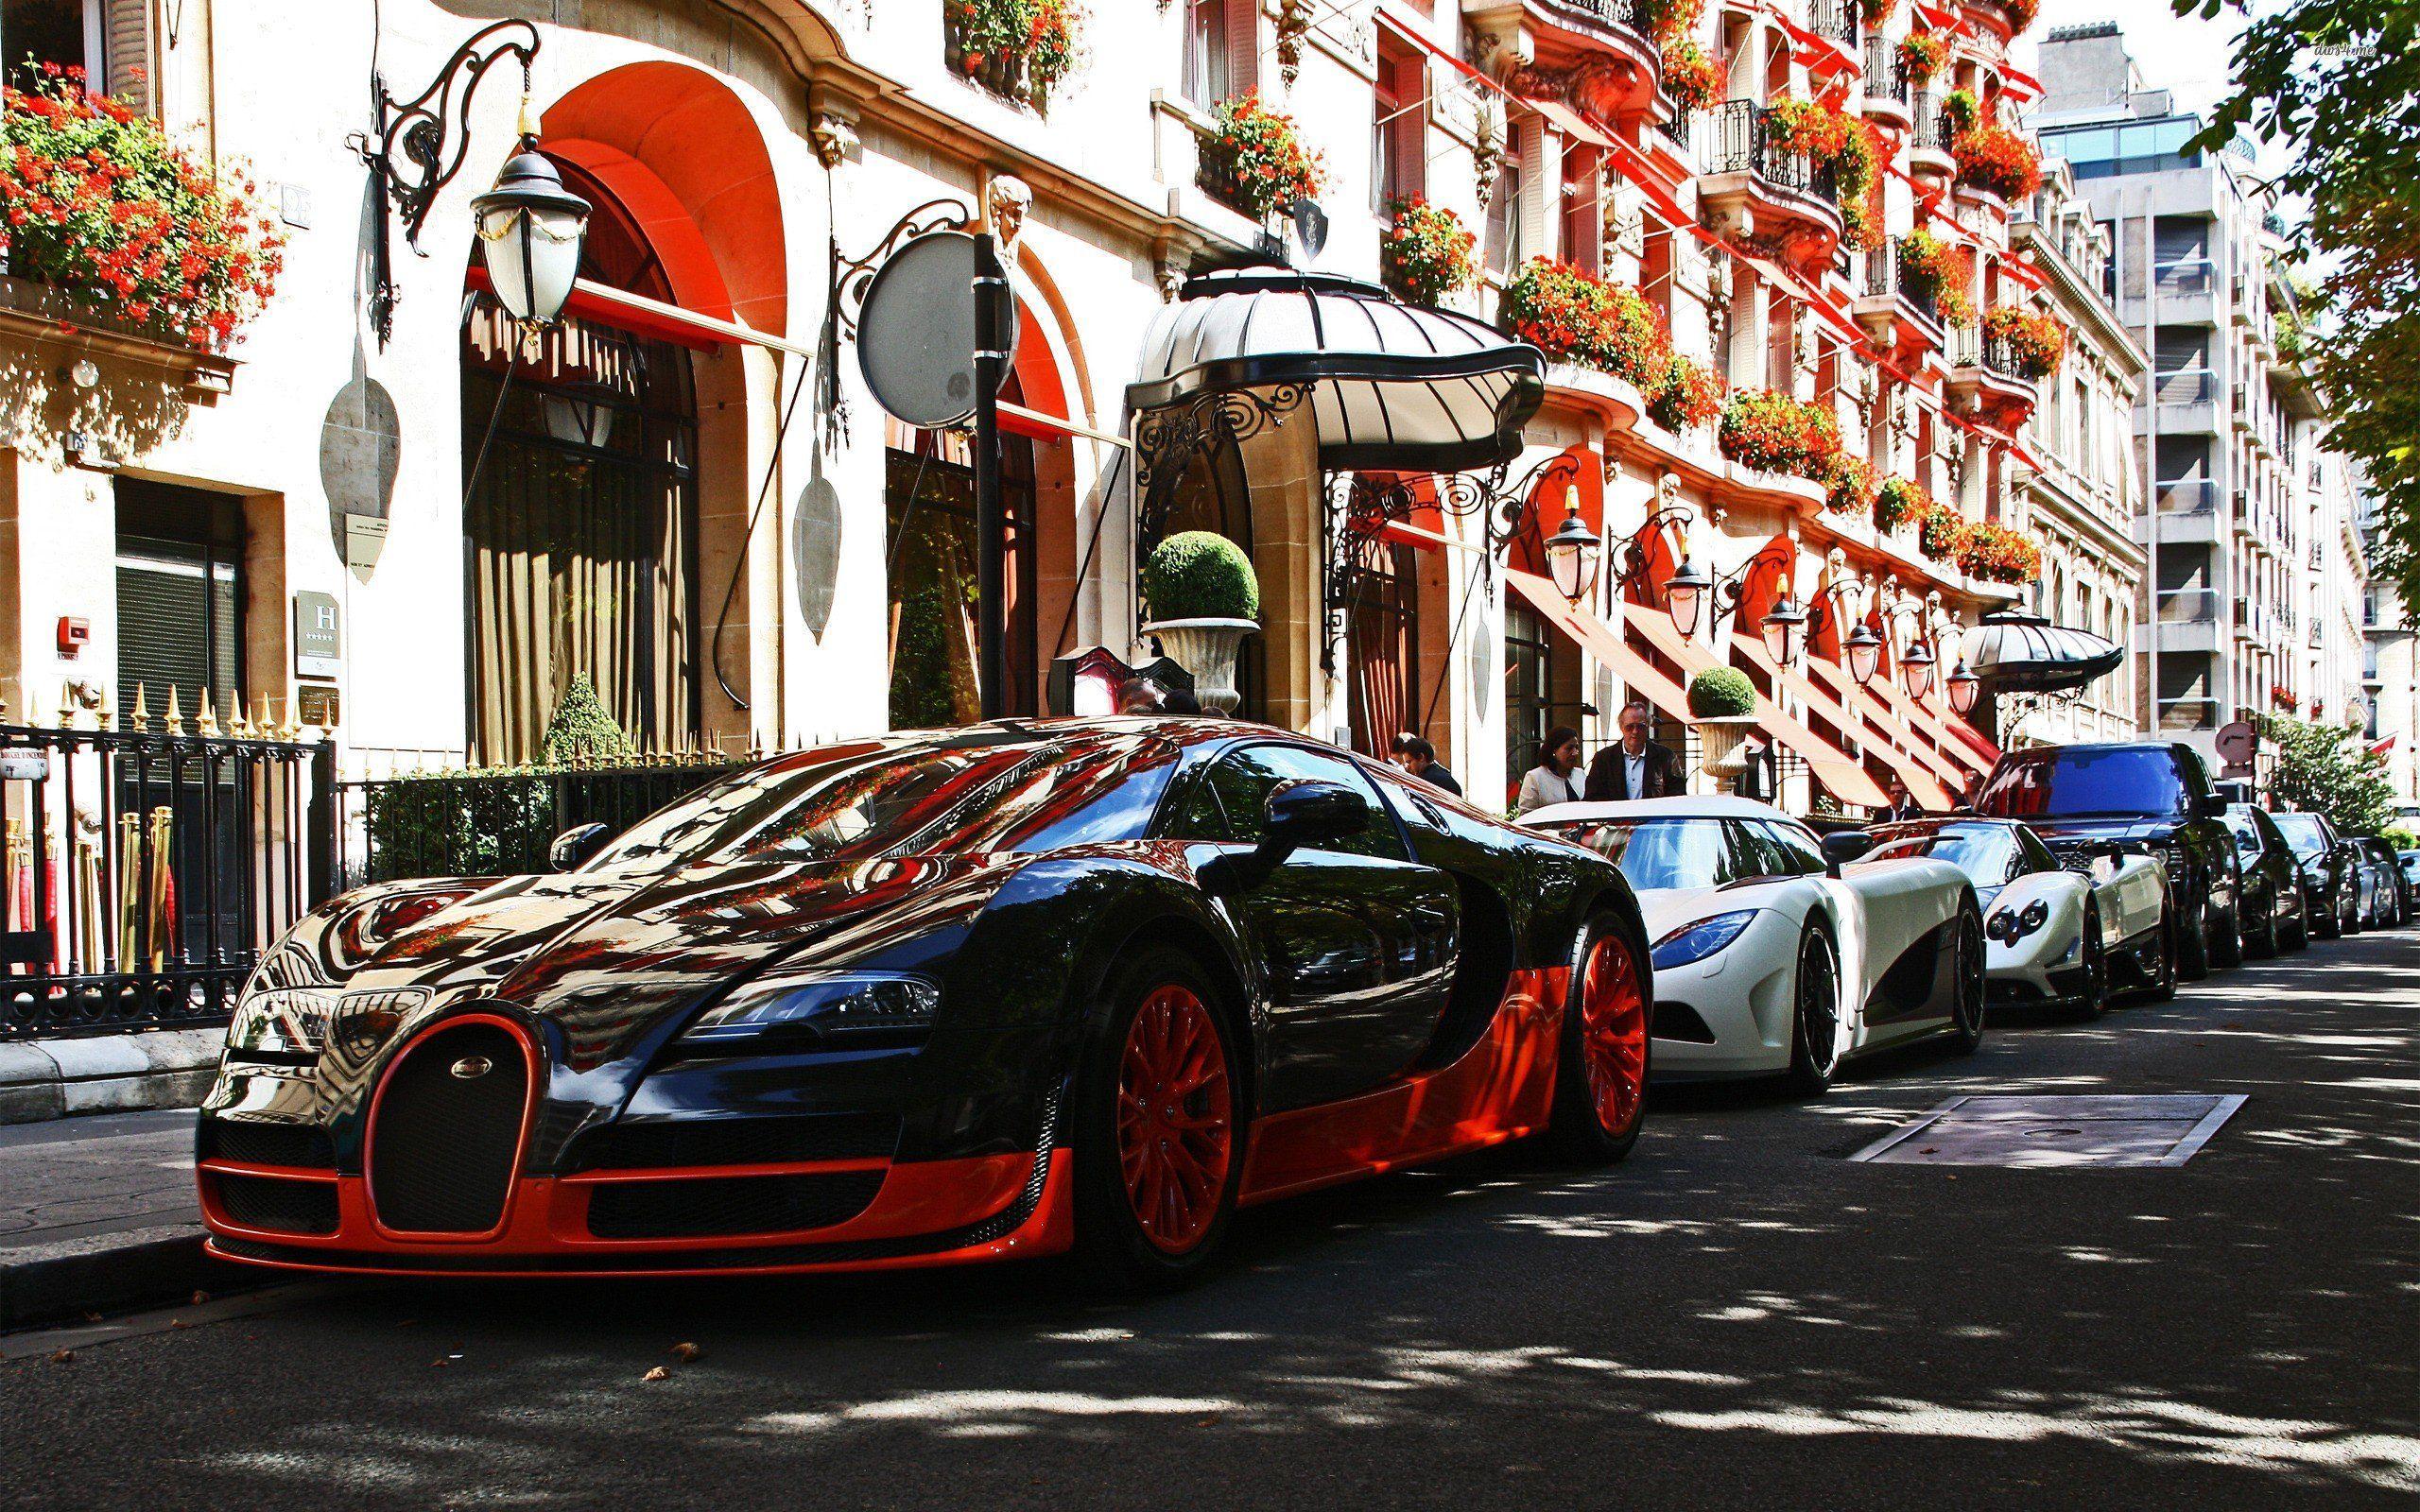 Cars Pagani Zonda Bugatti Veyron Koenigsegg Agera R Cinque Wallpaper